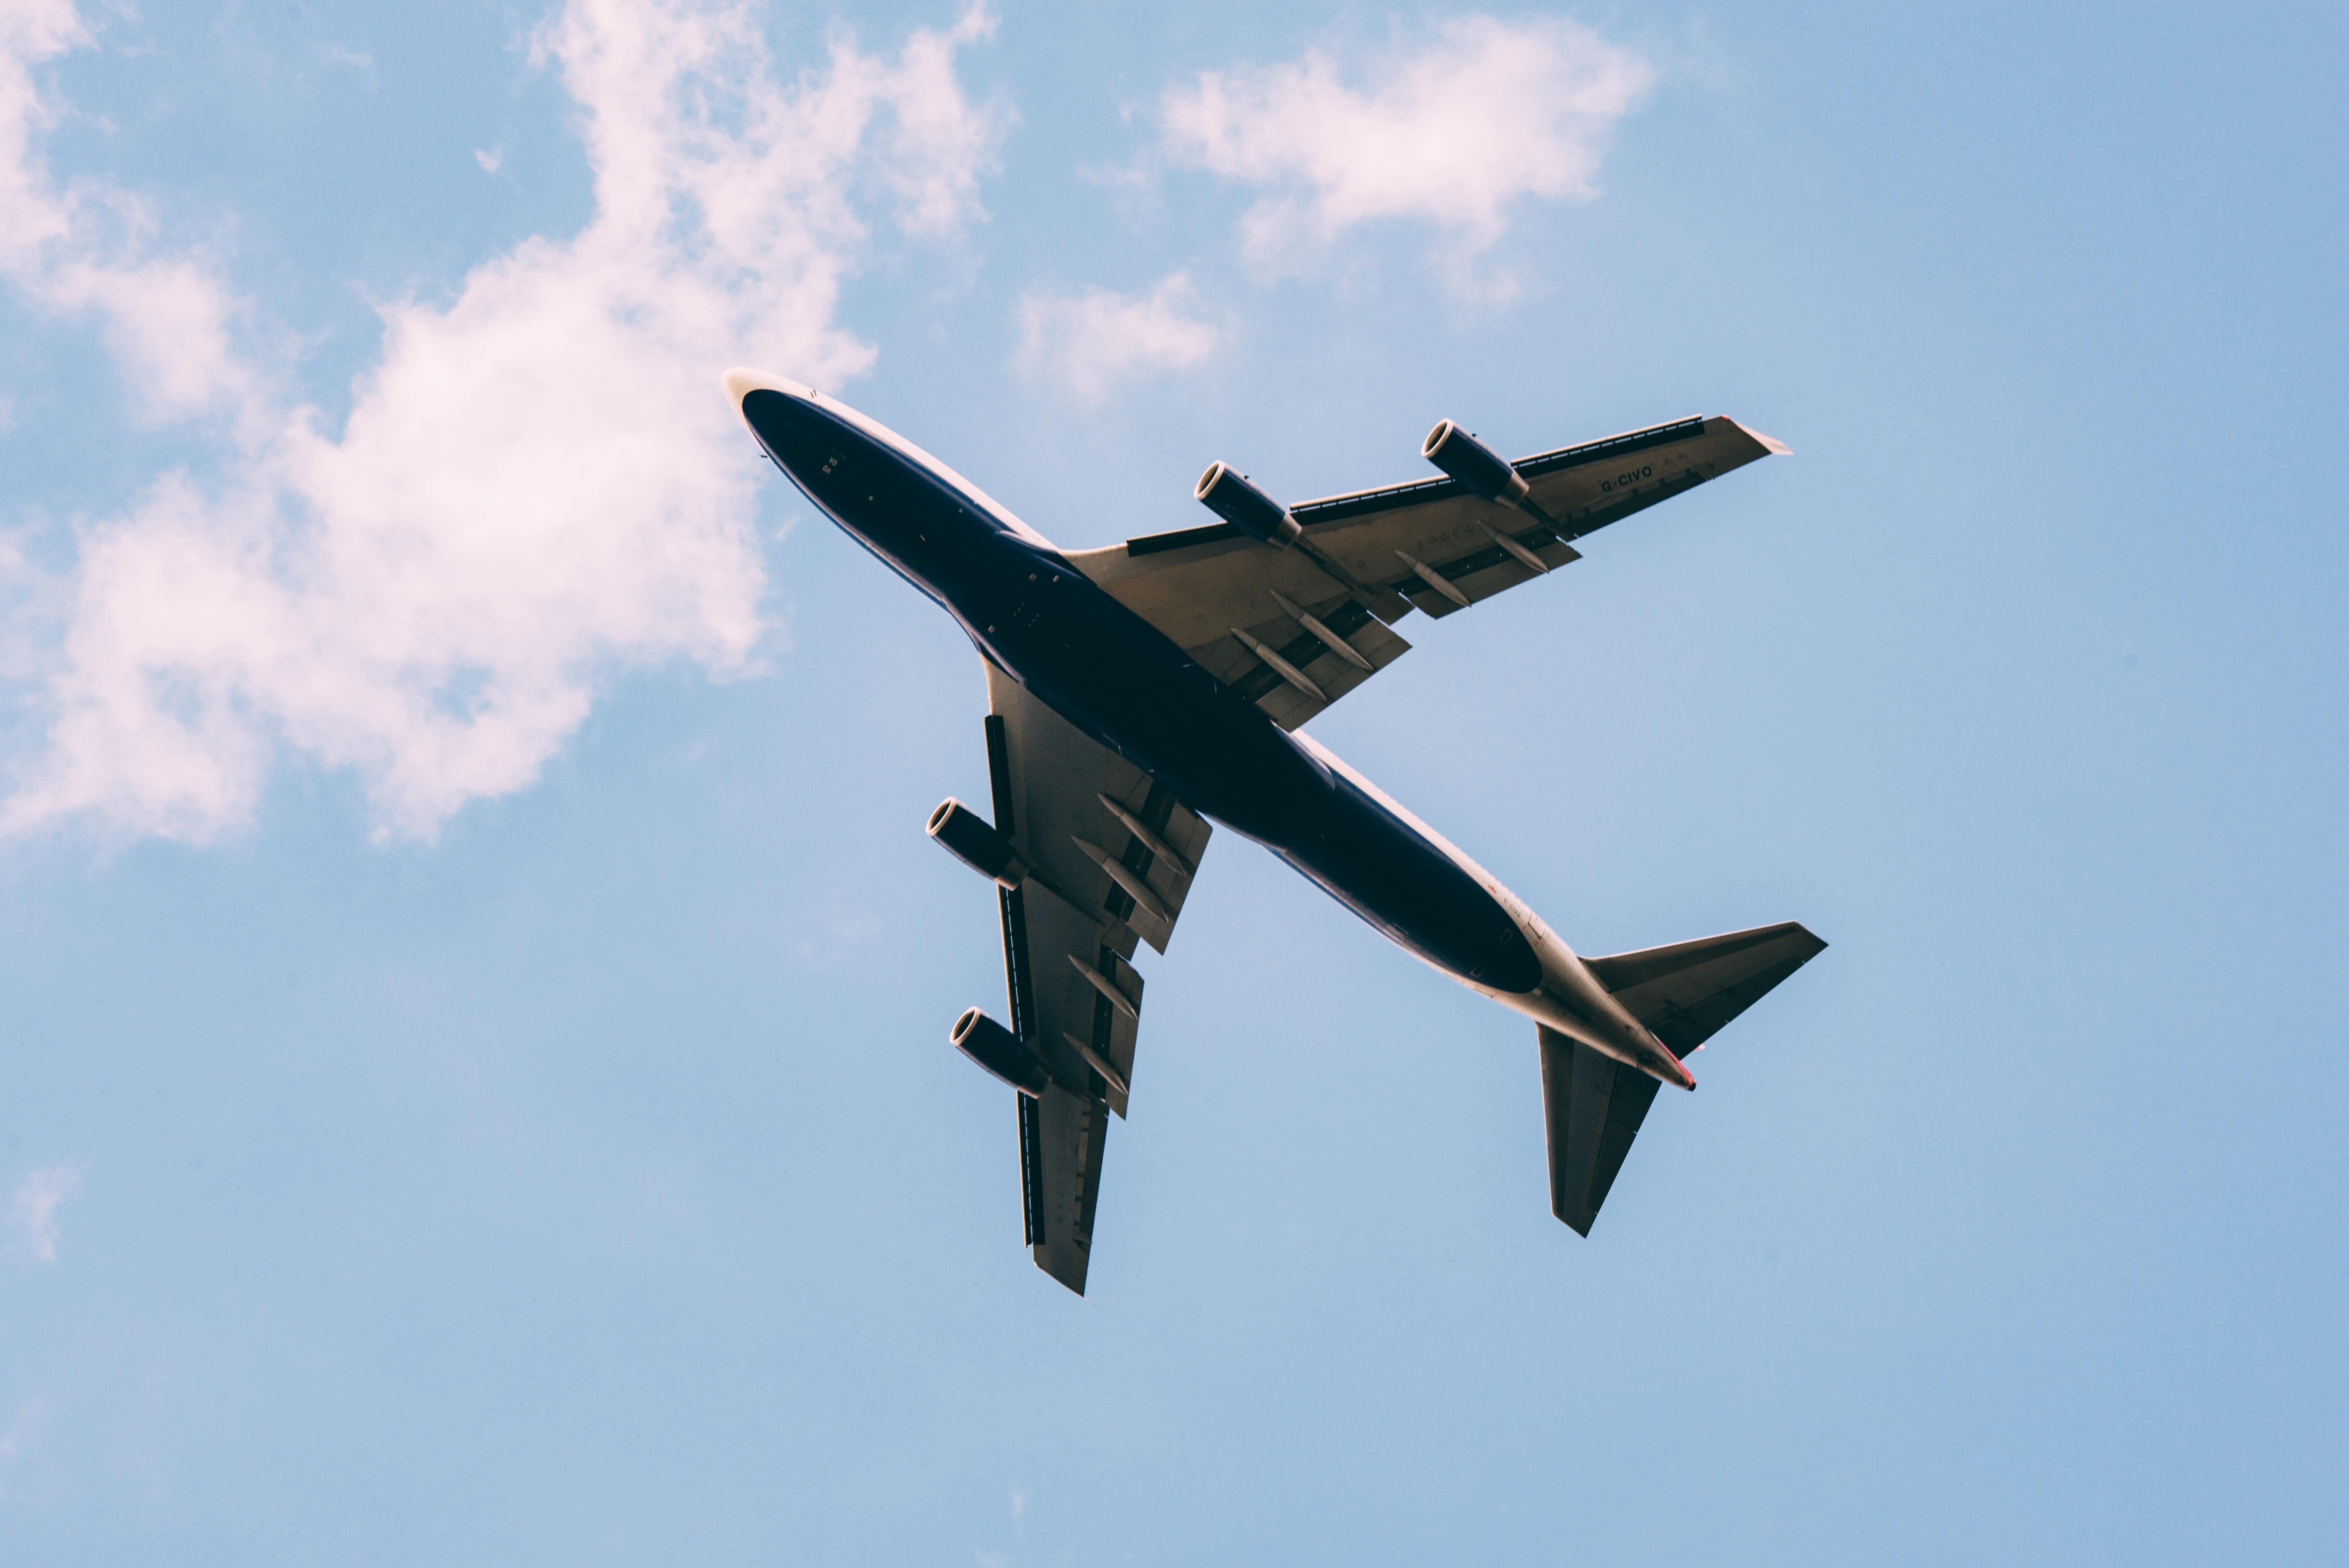 séjour linguistique avion voyage valise